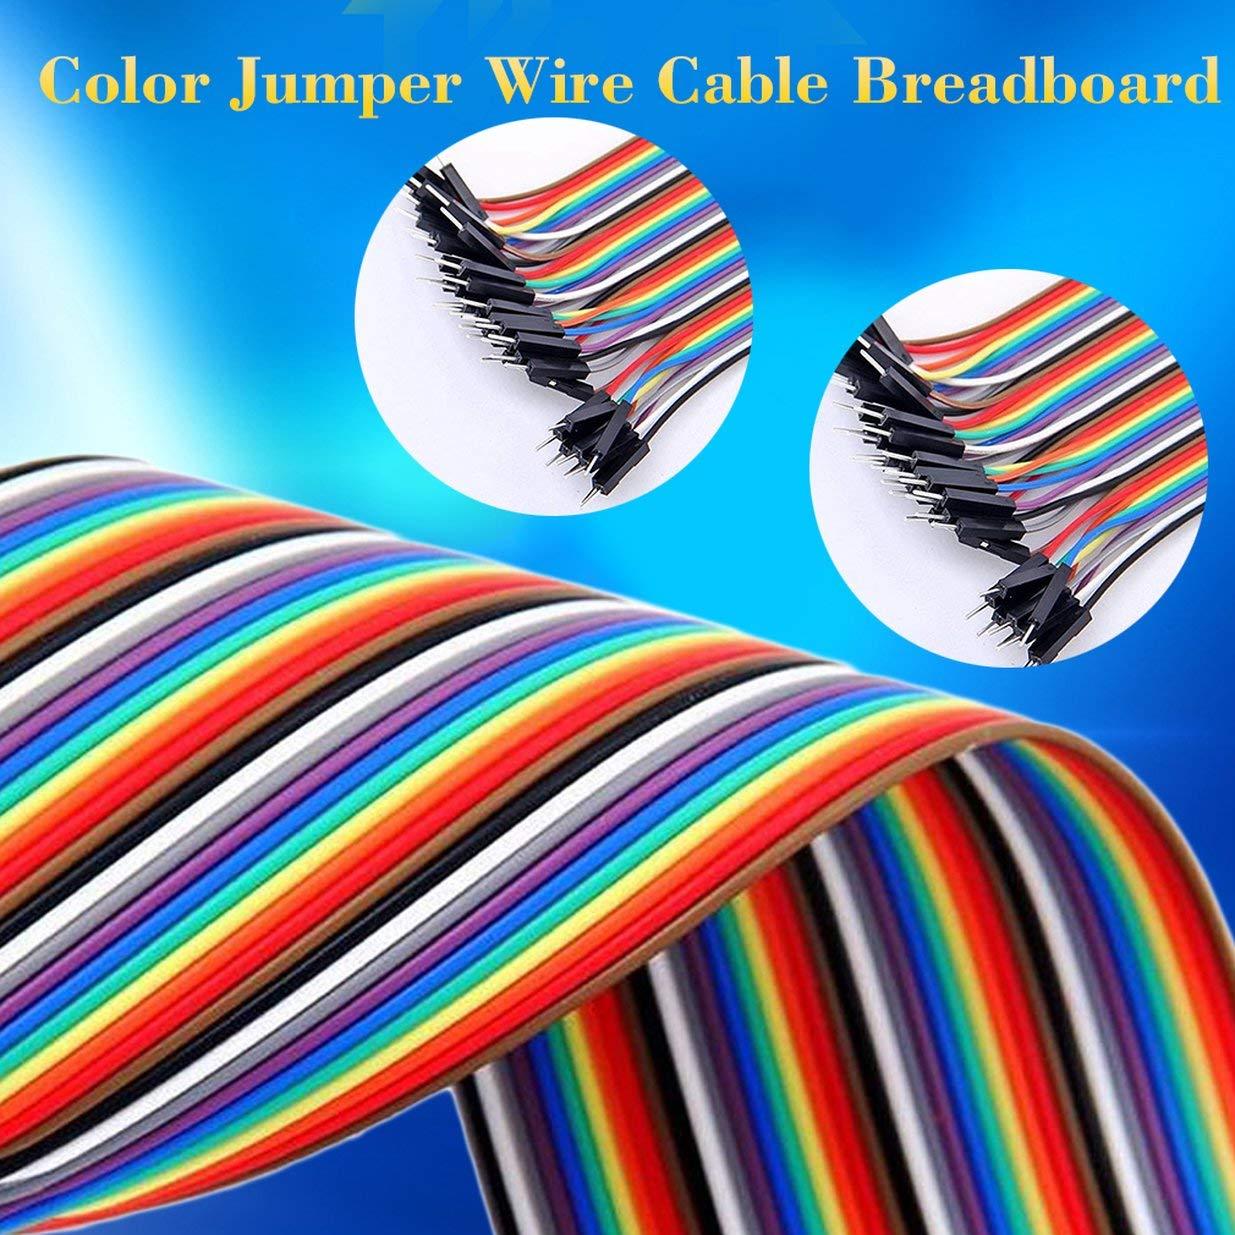 Sairis Cable de Placa de Prueba de 40 Pines Cable de Cable de Puente con encabezados de Pasador de separaci/ón de 2,54 mm Placa de Prueba de 20 cm para Arduino